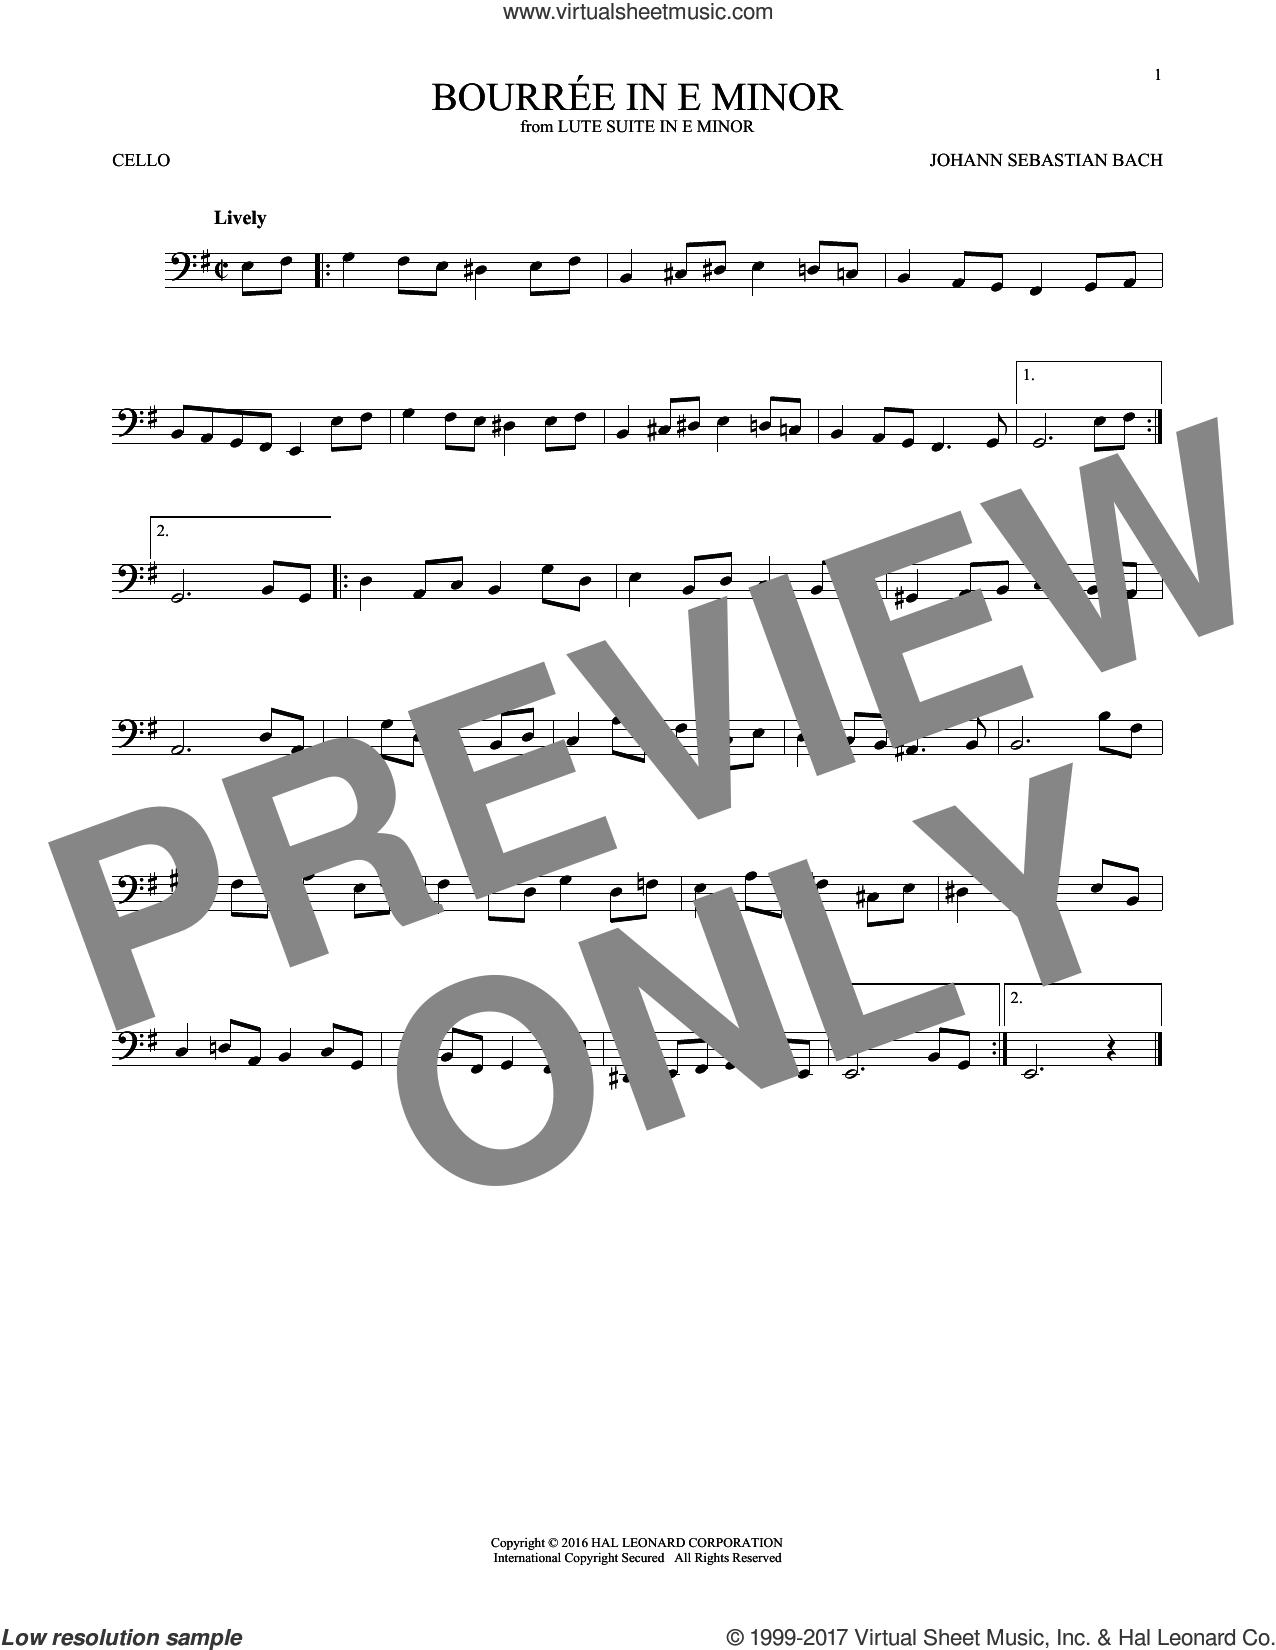 Bourree In E Minor sheet music for cello solo by Johann Sebastian Bach, classical score, intermediate skill level